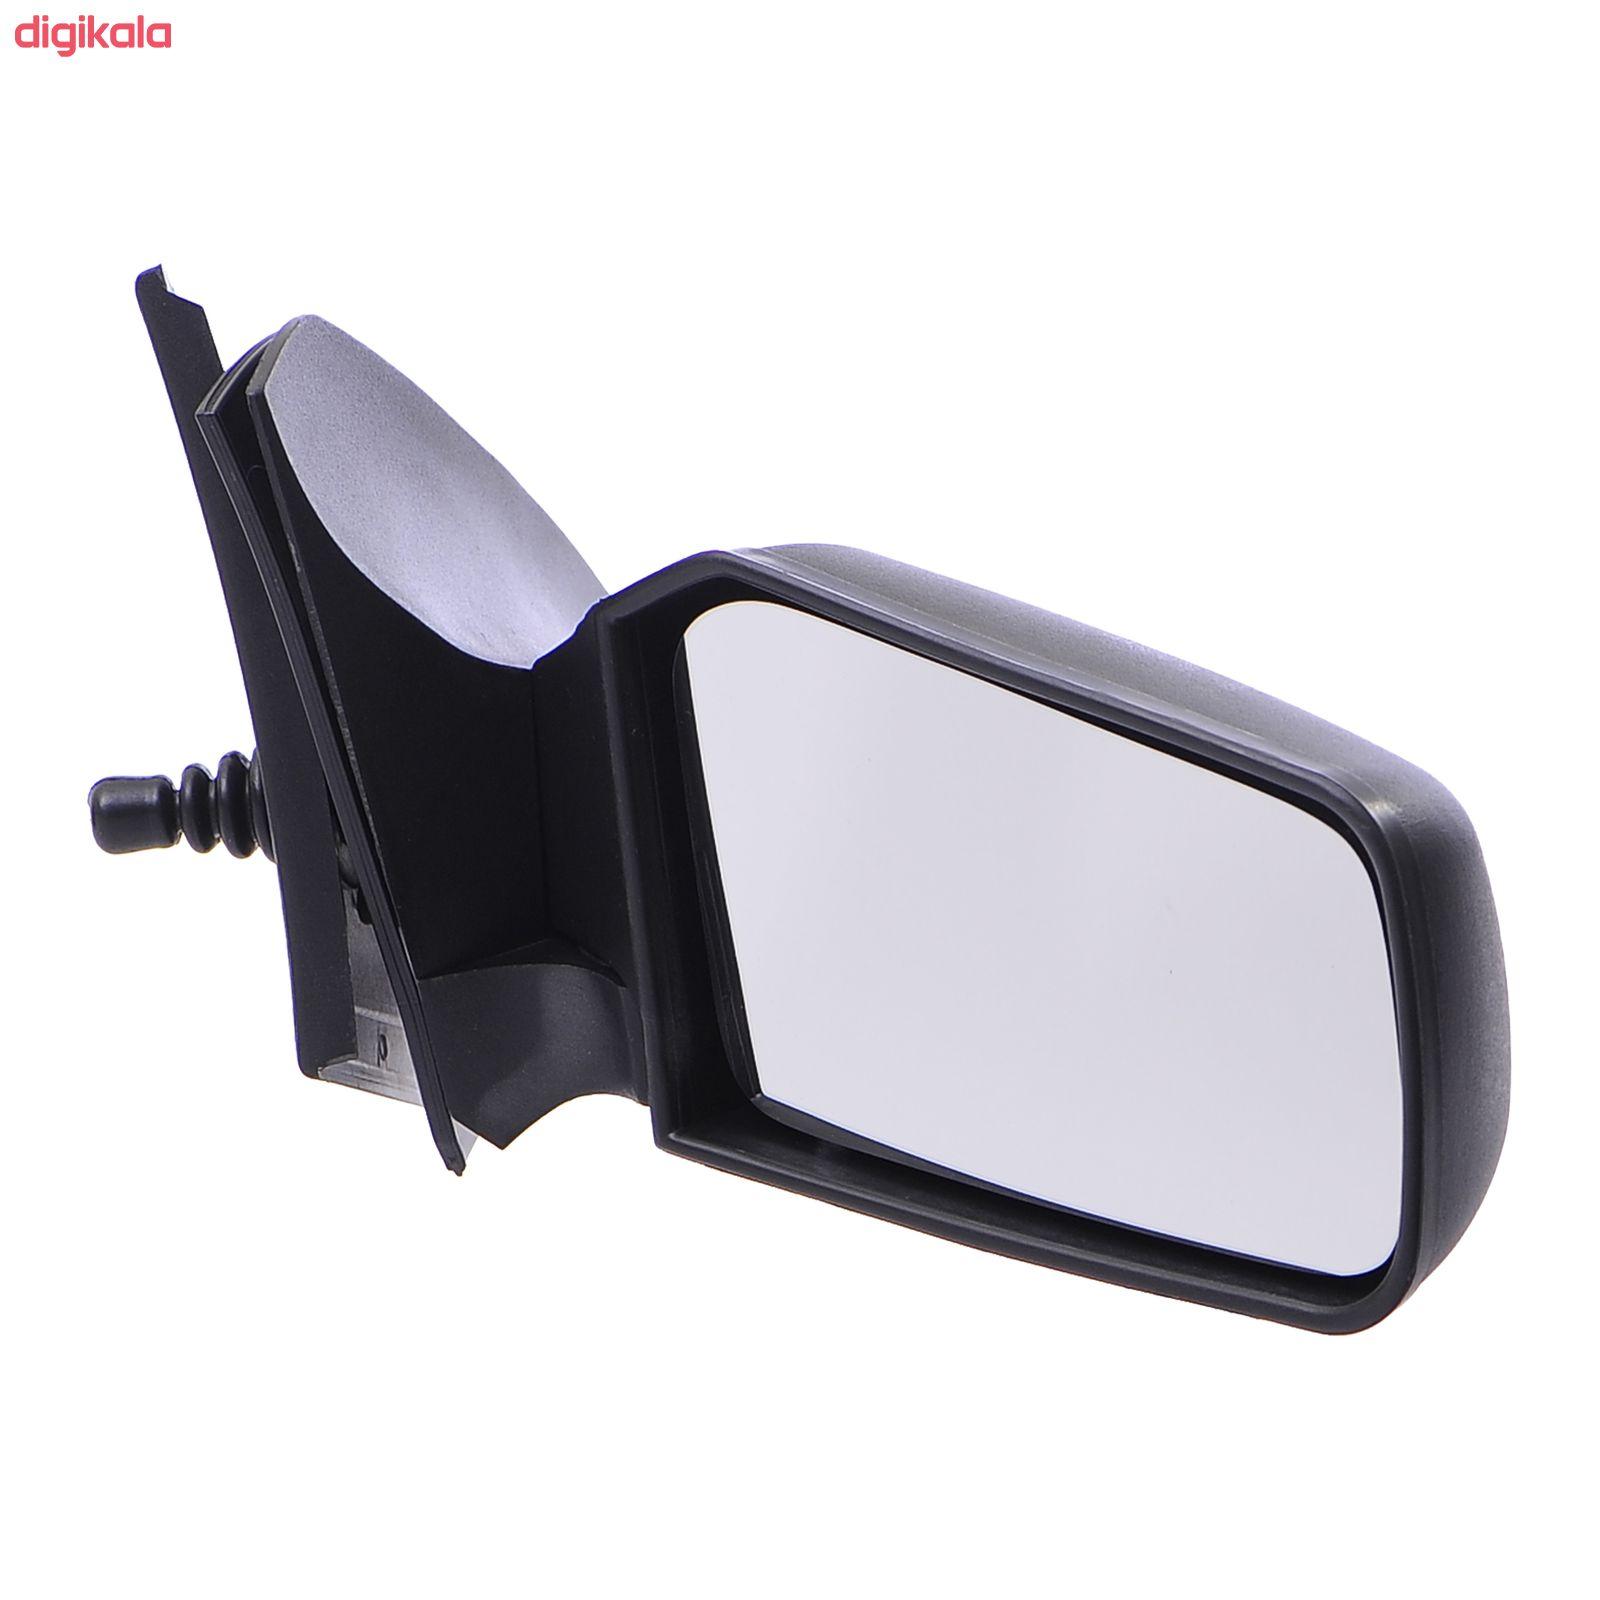 آینه جانبی راست خودرو کد CR0001 مناسب برای پراید main 1 1